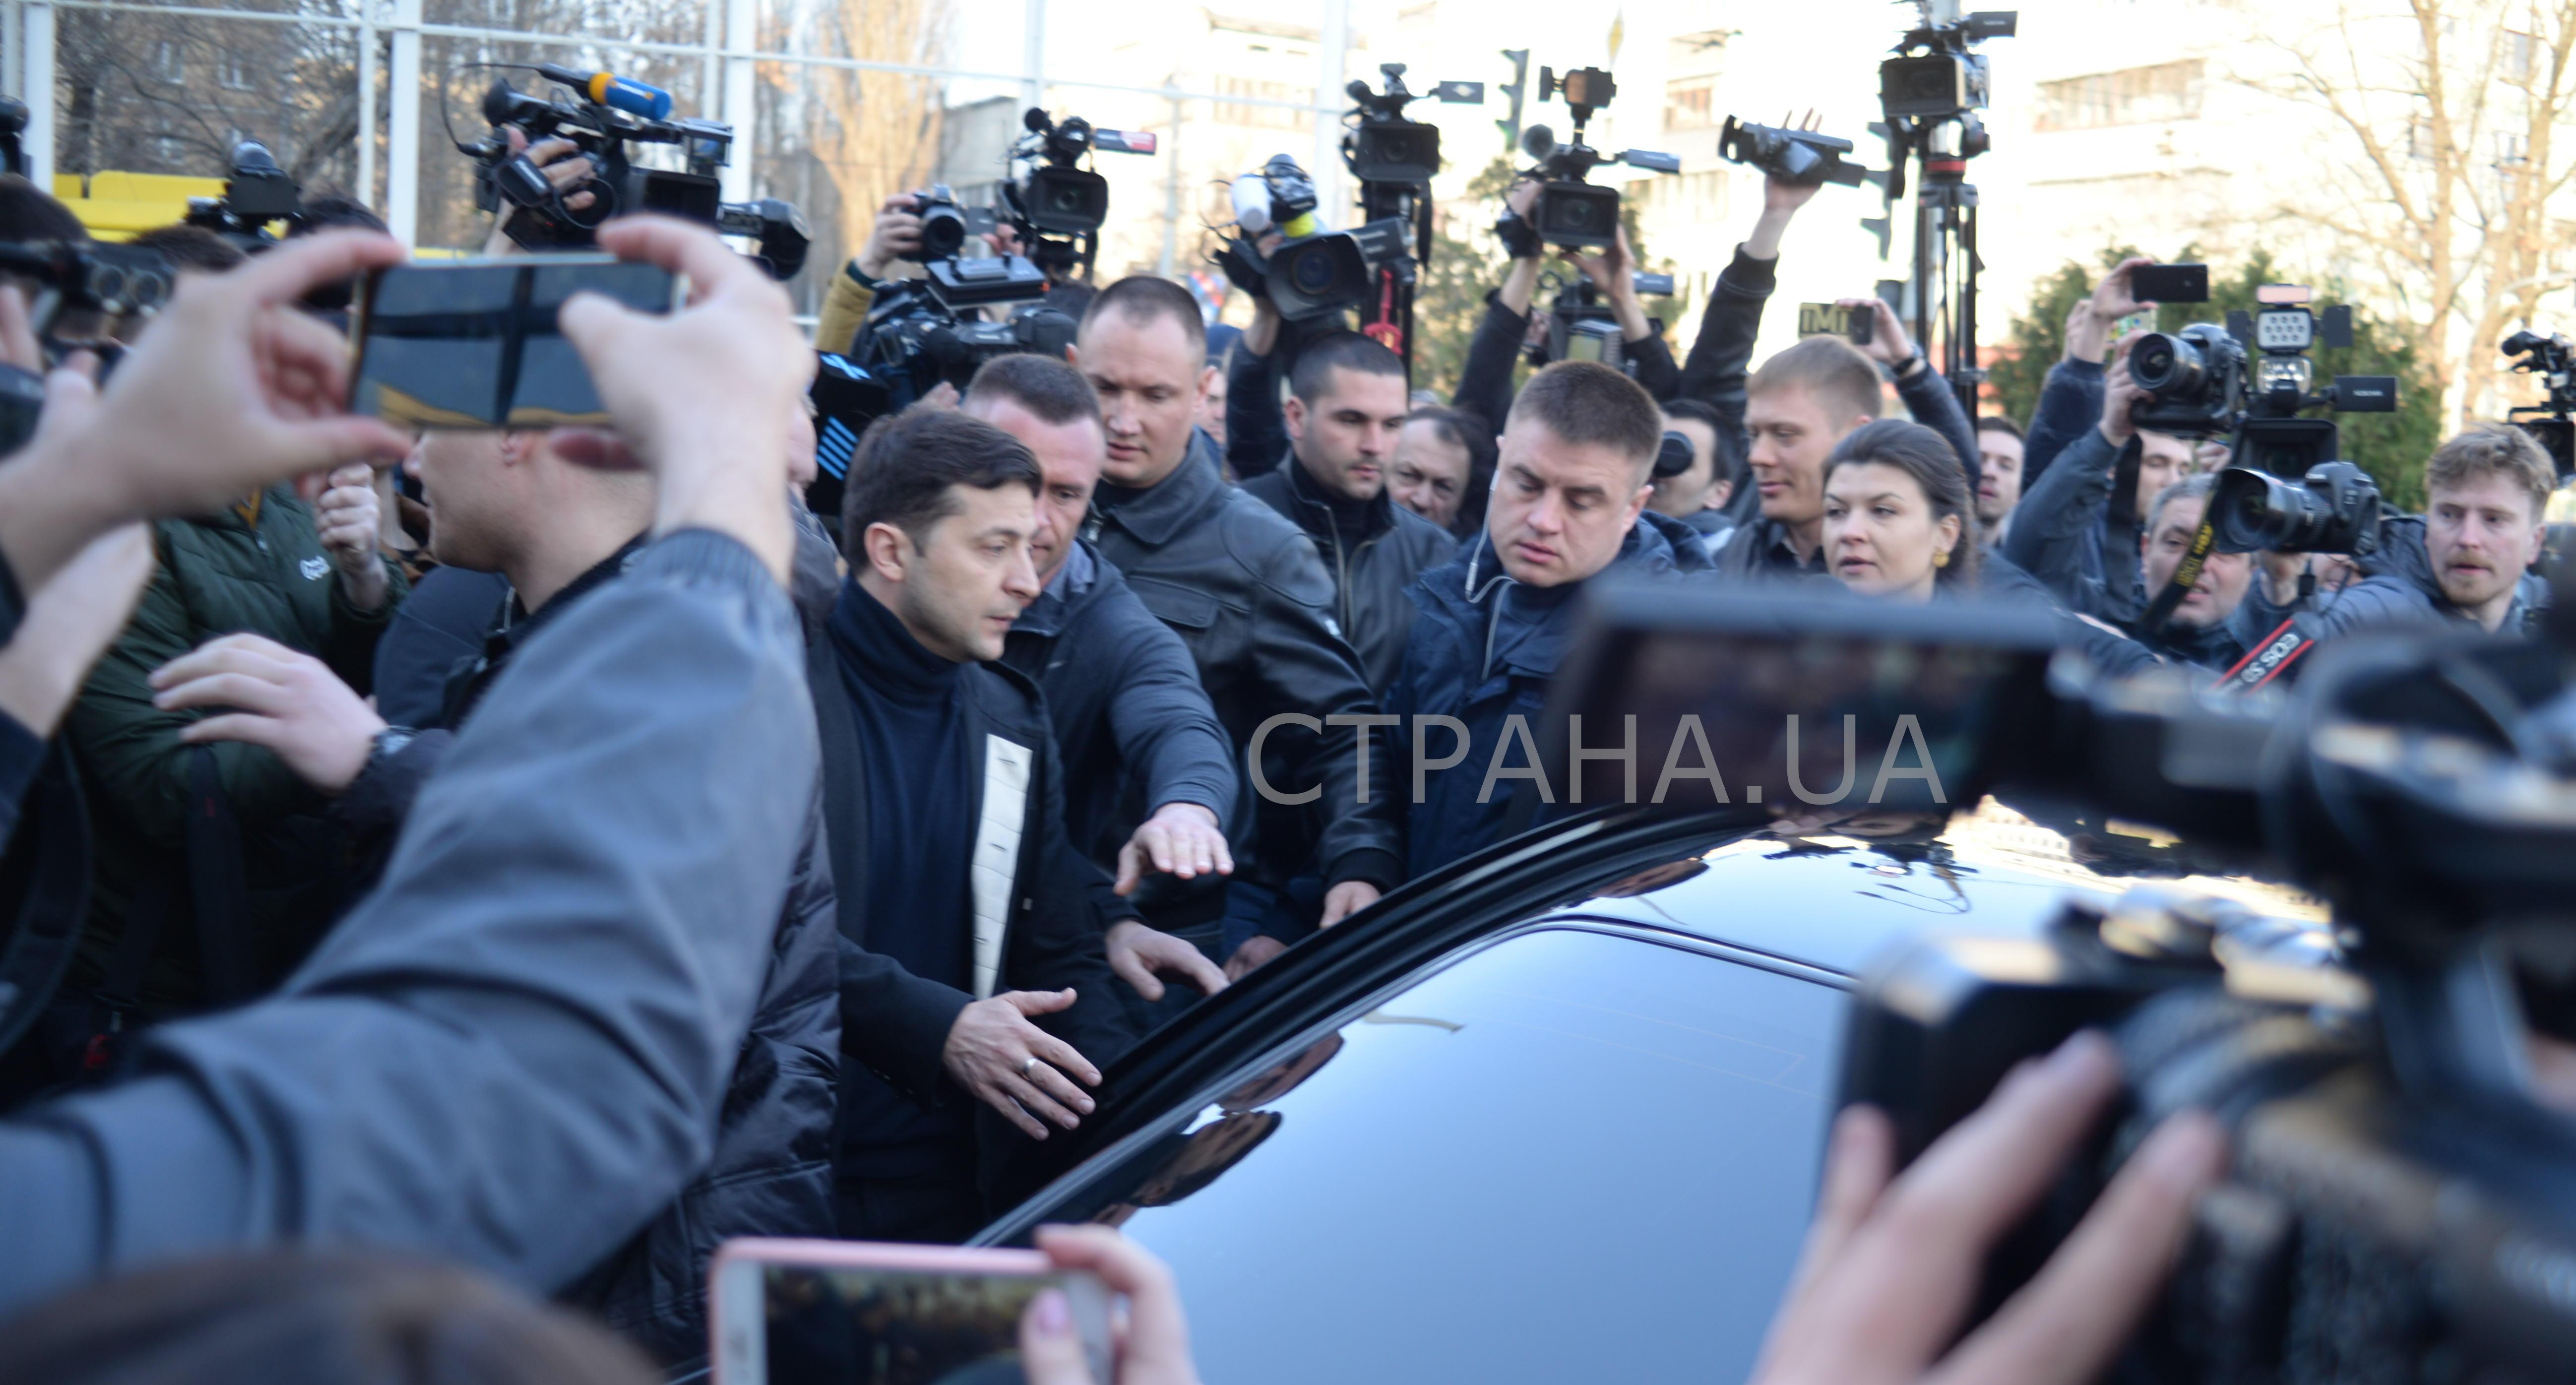 Владимир Зеленский передвигается в сопровождении охраны